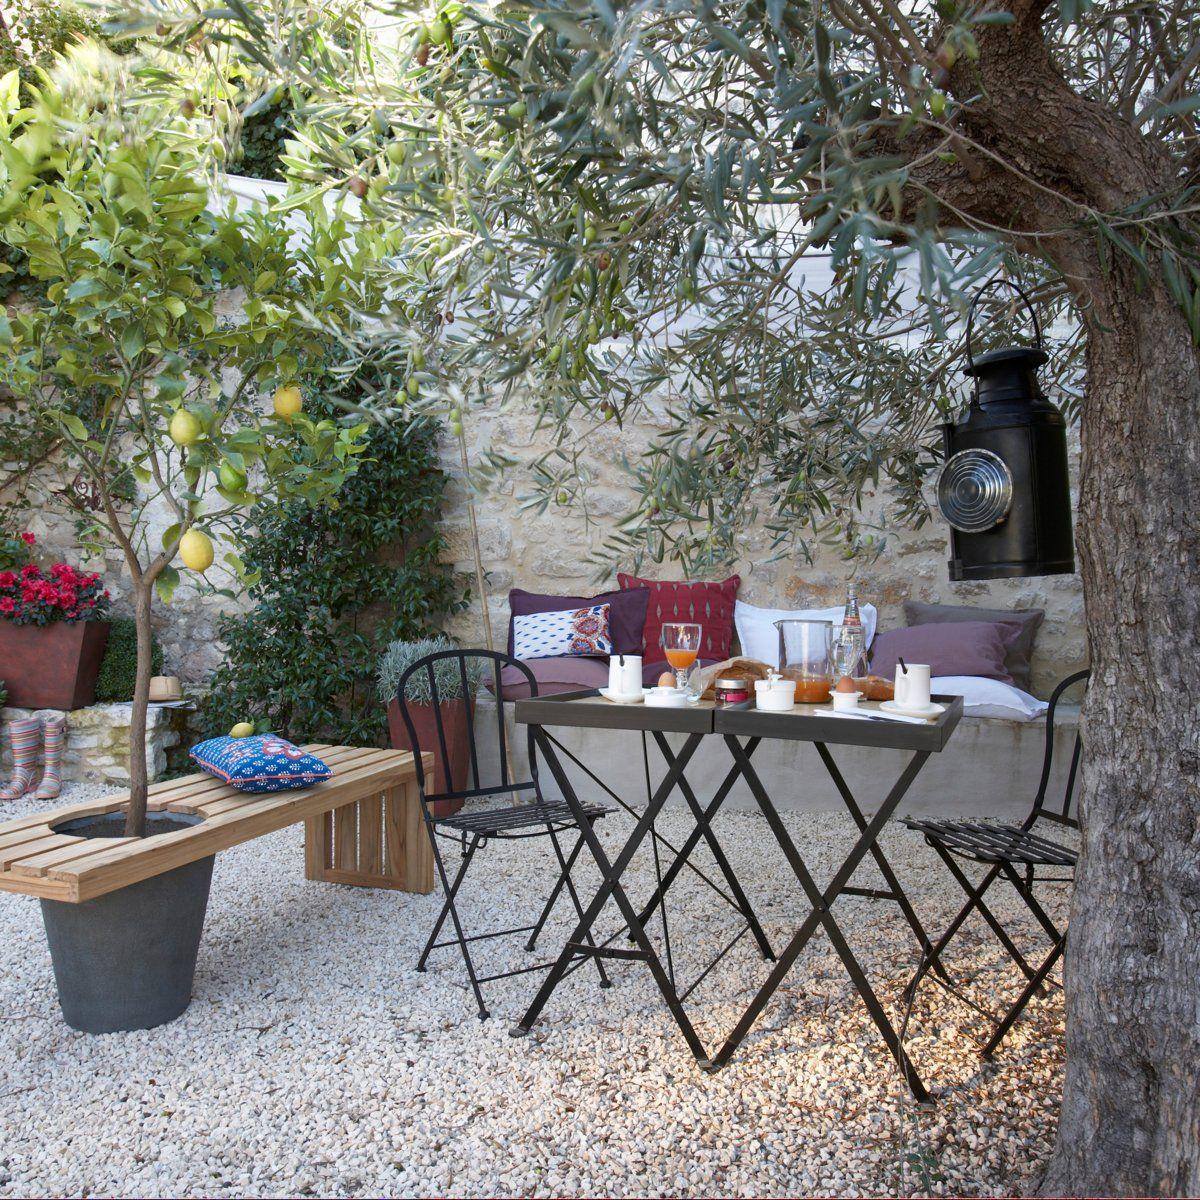 voile d ombrage toubou terrazas jard n y jardines. Black Bedroom Furniture Sets. Home Design Ideas